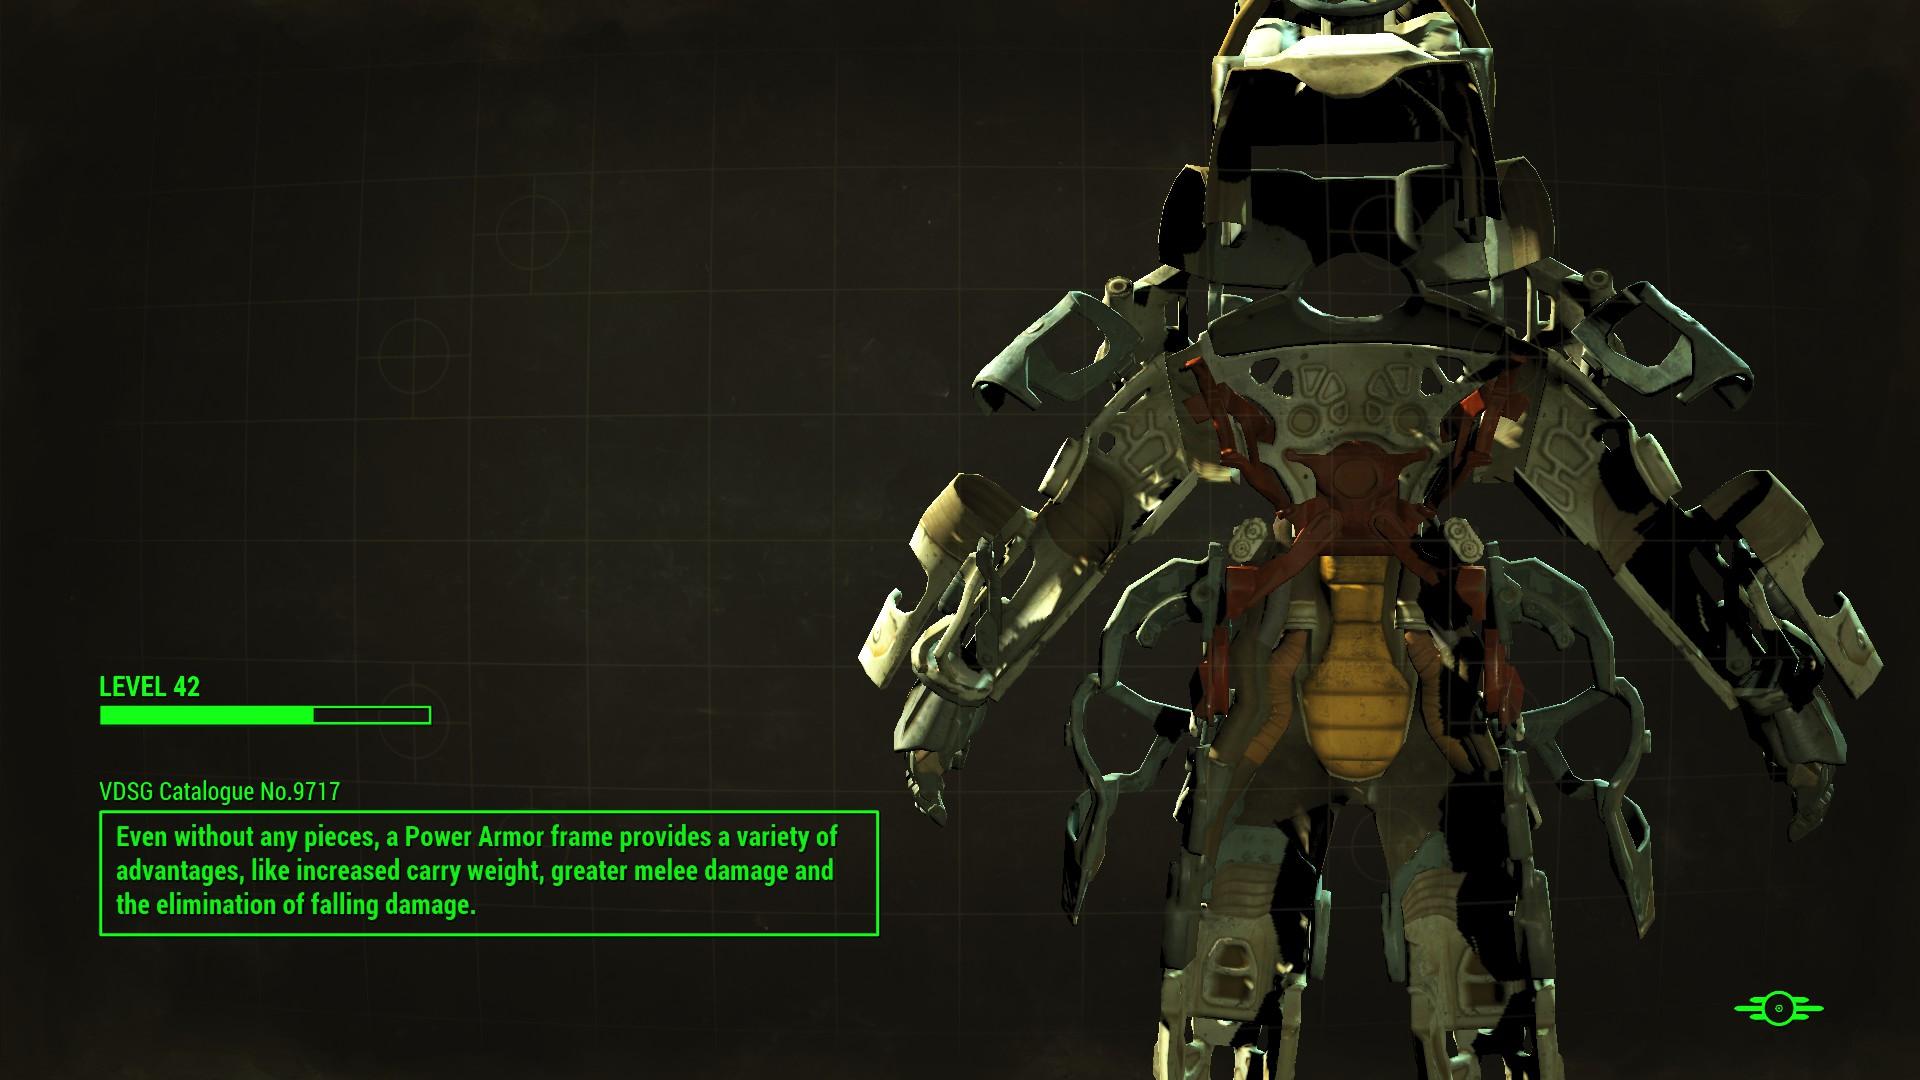 Back power armor frame